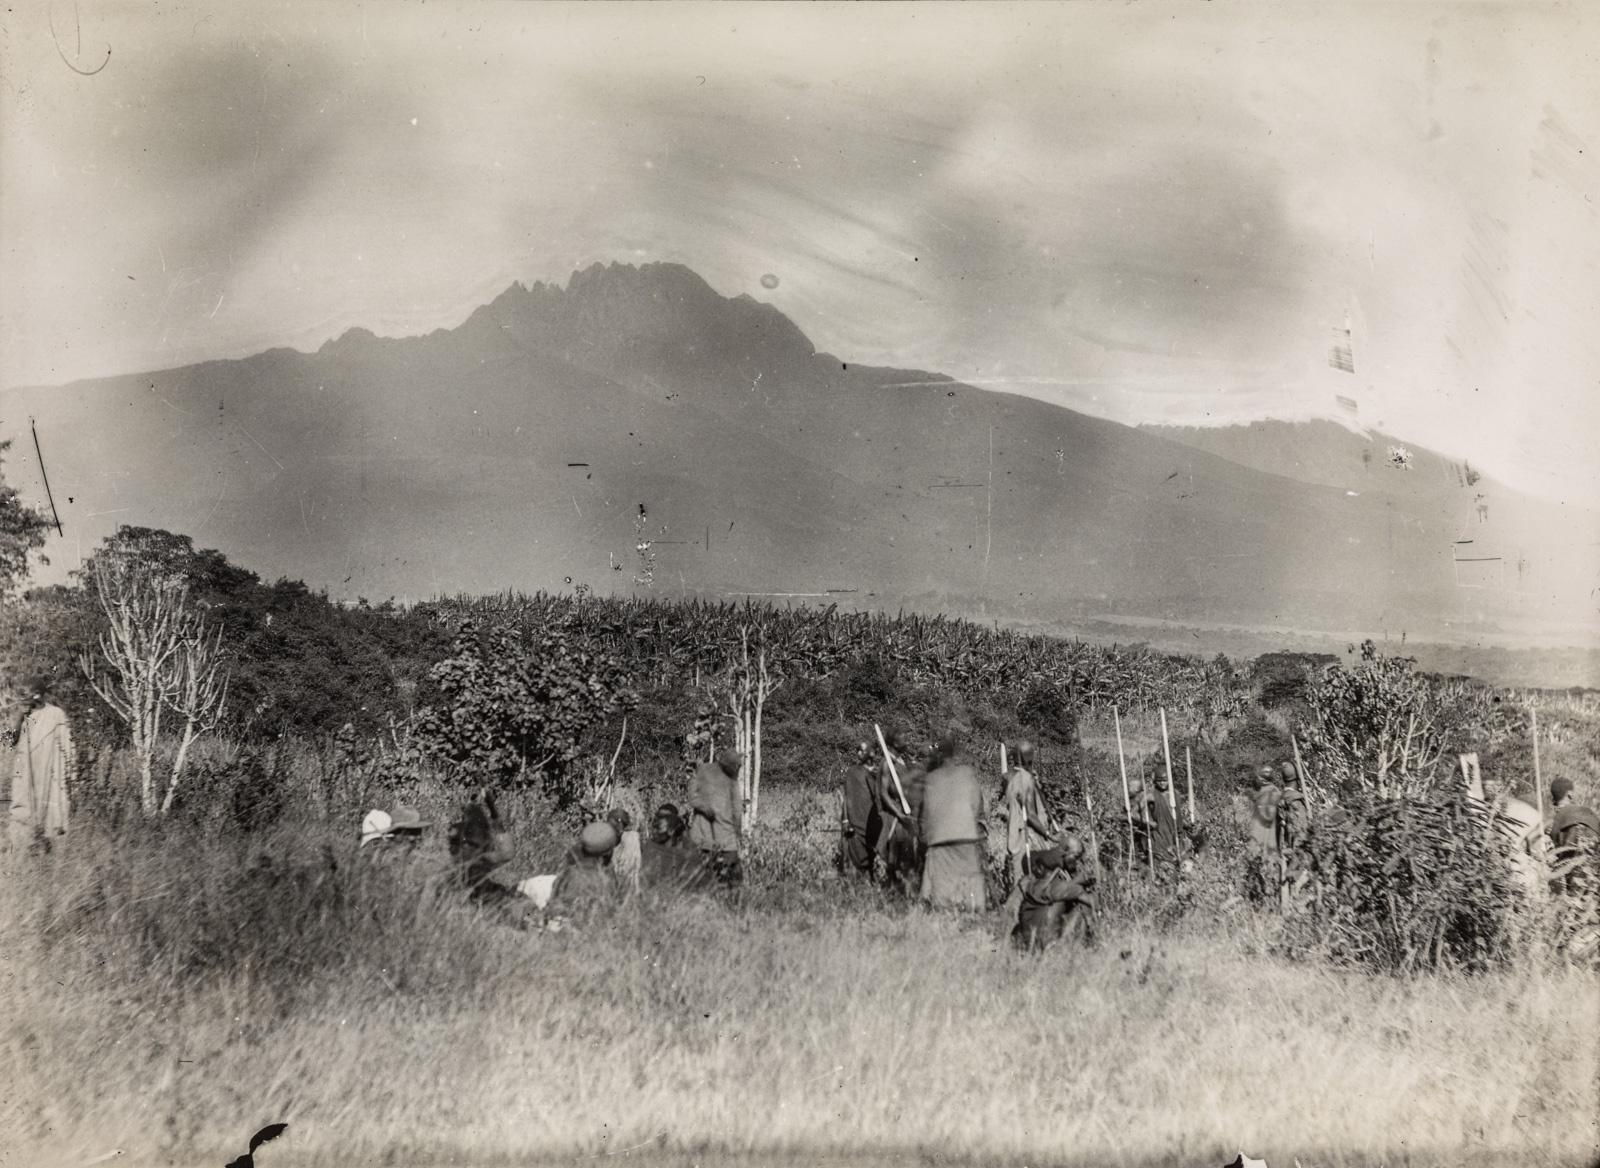 Исследователи и их спутники останавливаются в окрестностях горы Килиманджаро